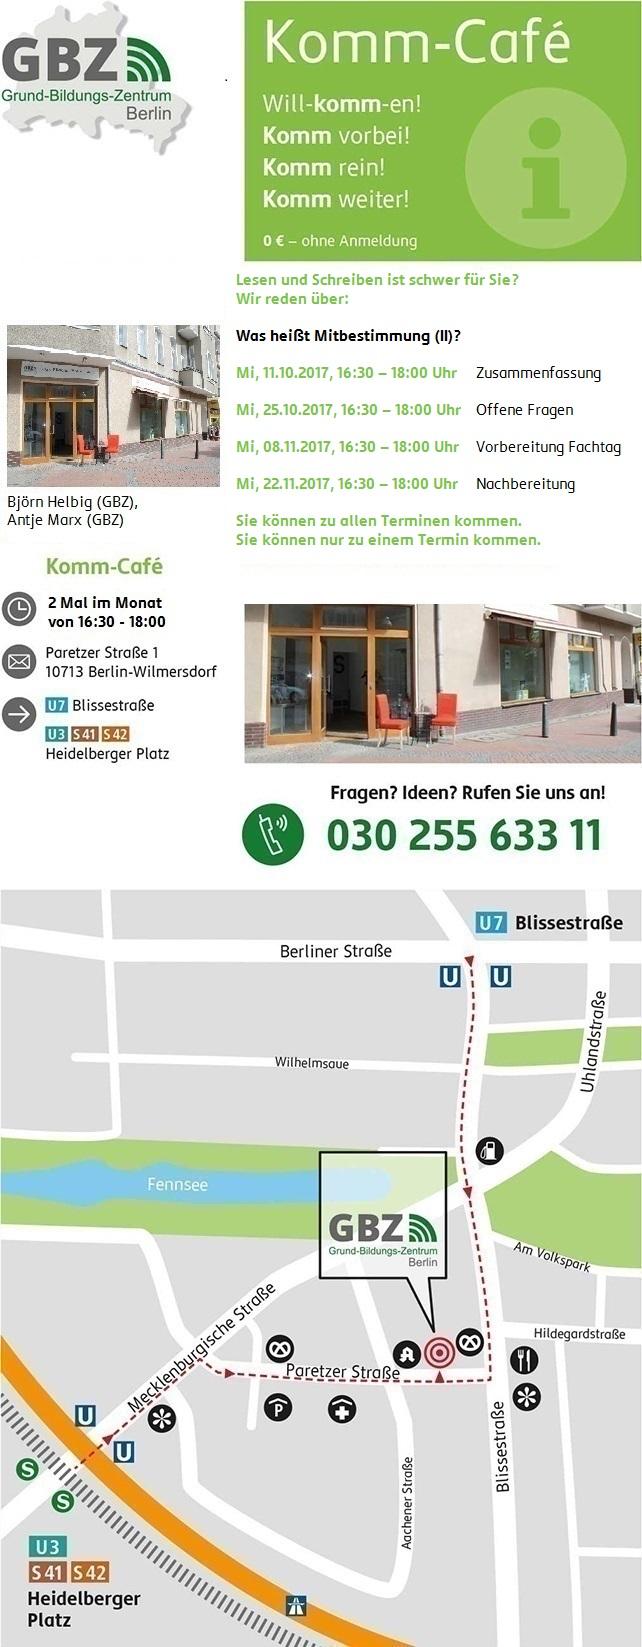 Komm-Café